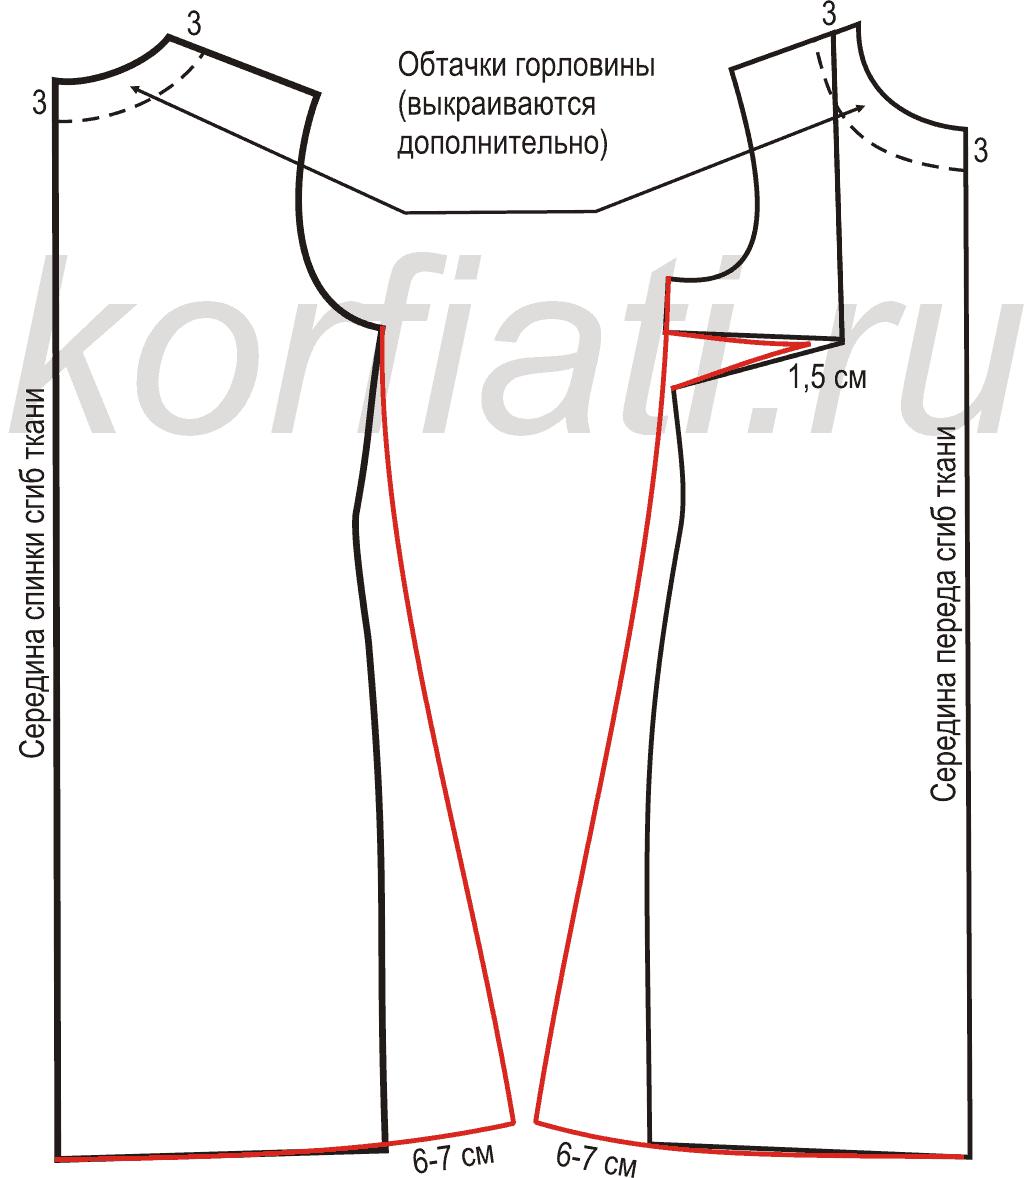 Как расширить горловину на выкройке фото 40